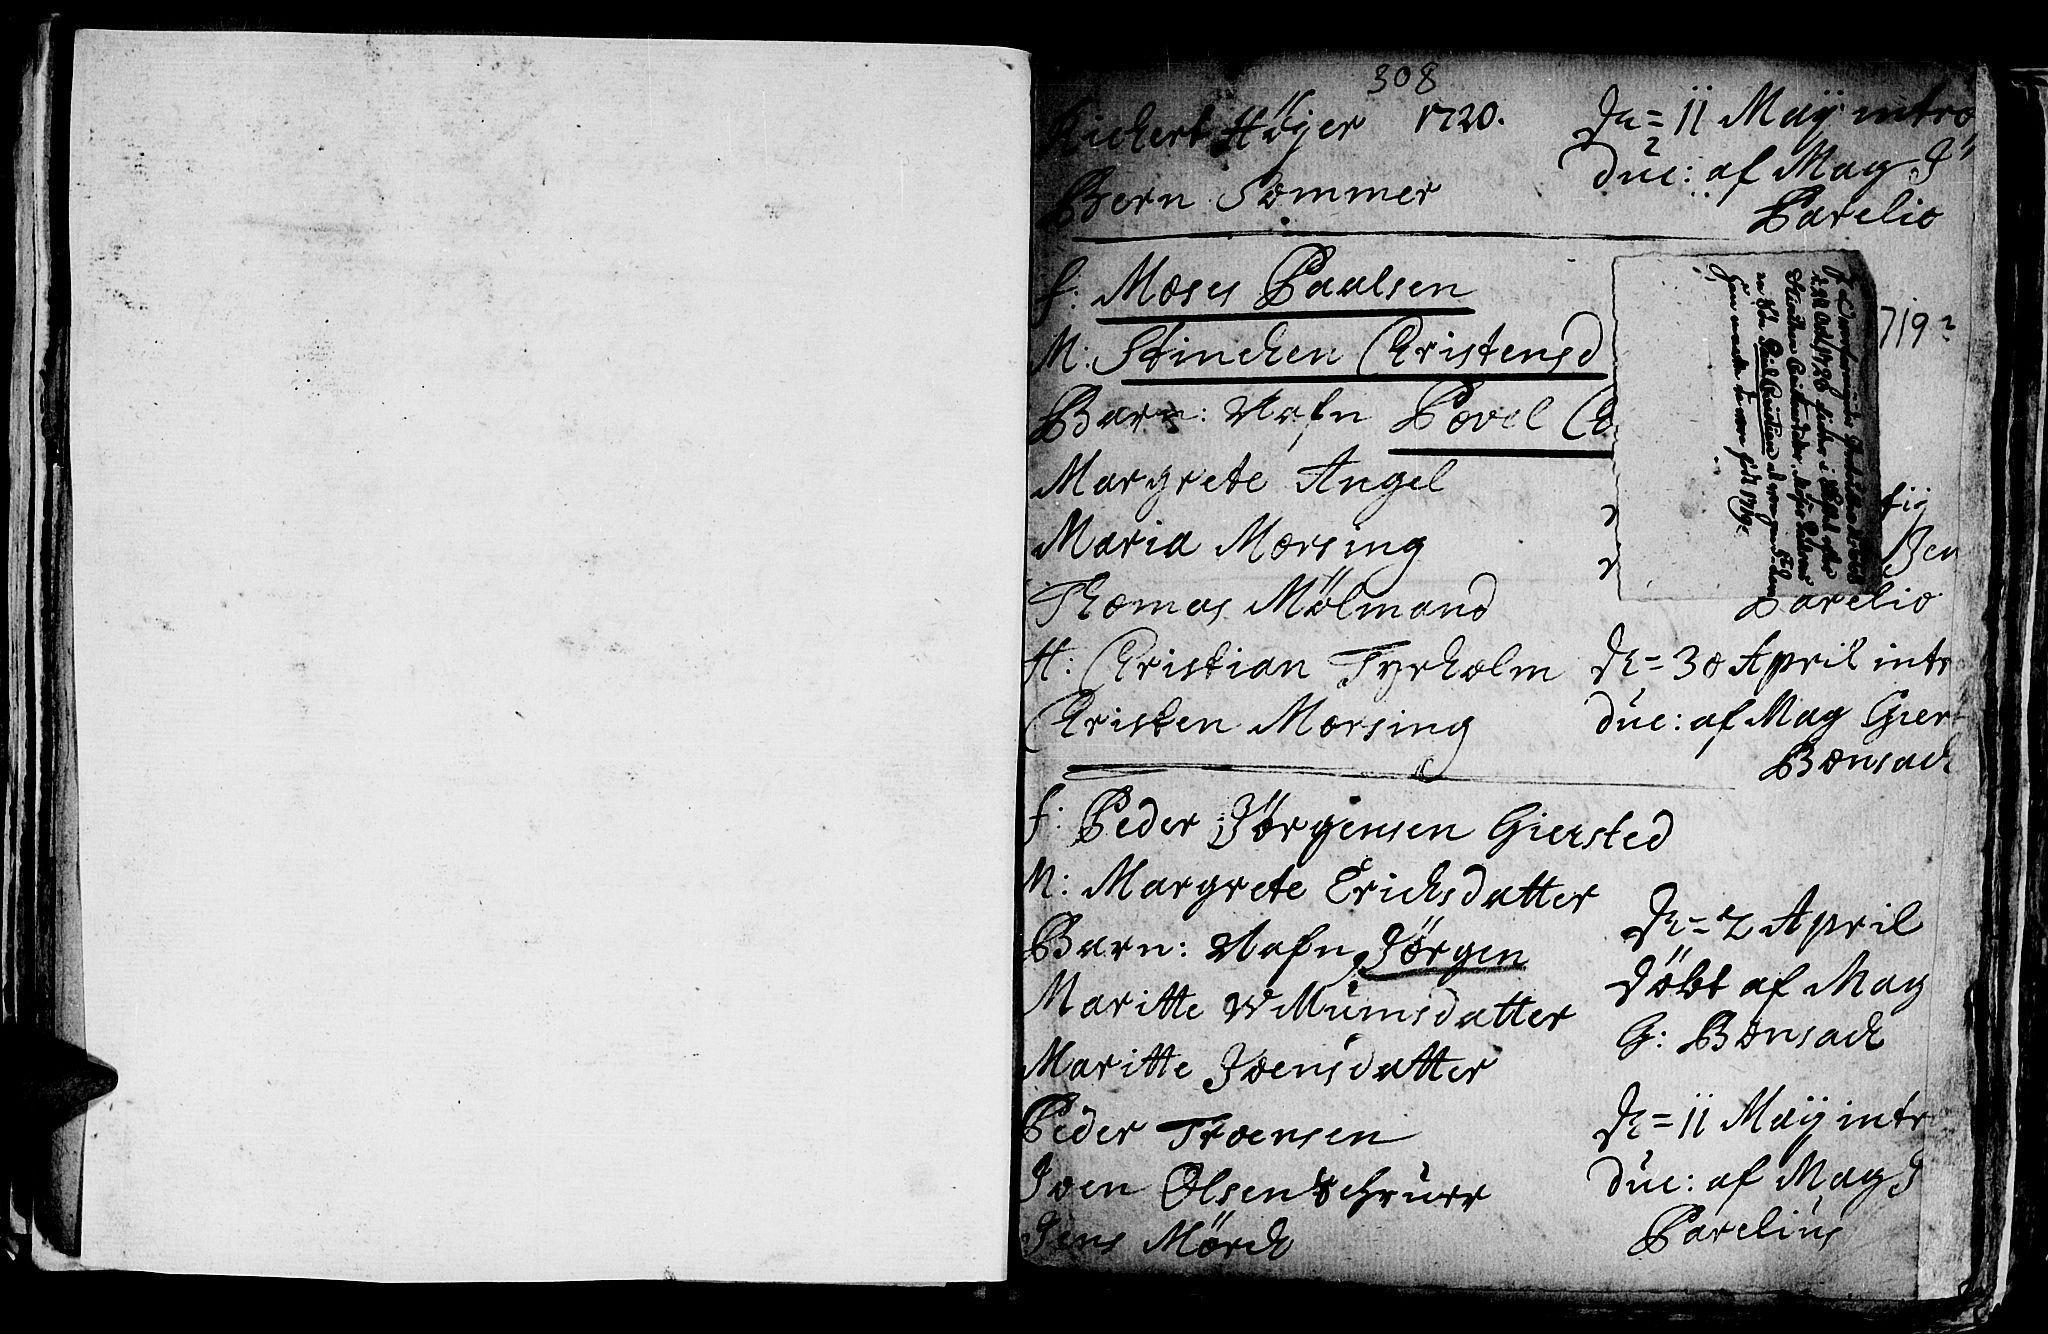 SAT, Ministerialprotokoller, klokkerbøker og fødselsregistre - Sør-Trøndelag, 601/L0035: Ministerialbok nr. 601A03, 1713-1728, s. 308